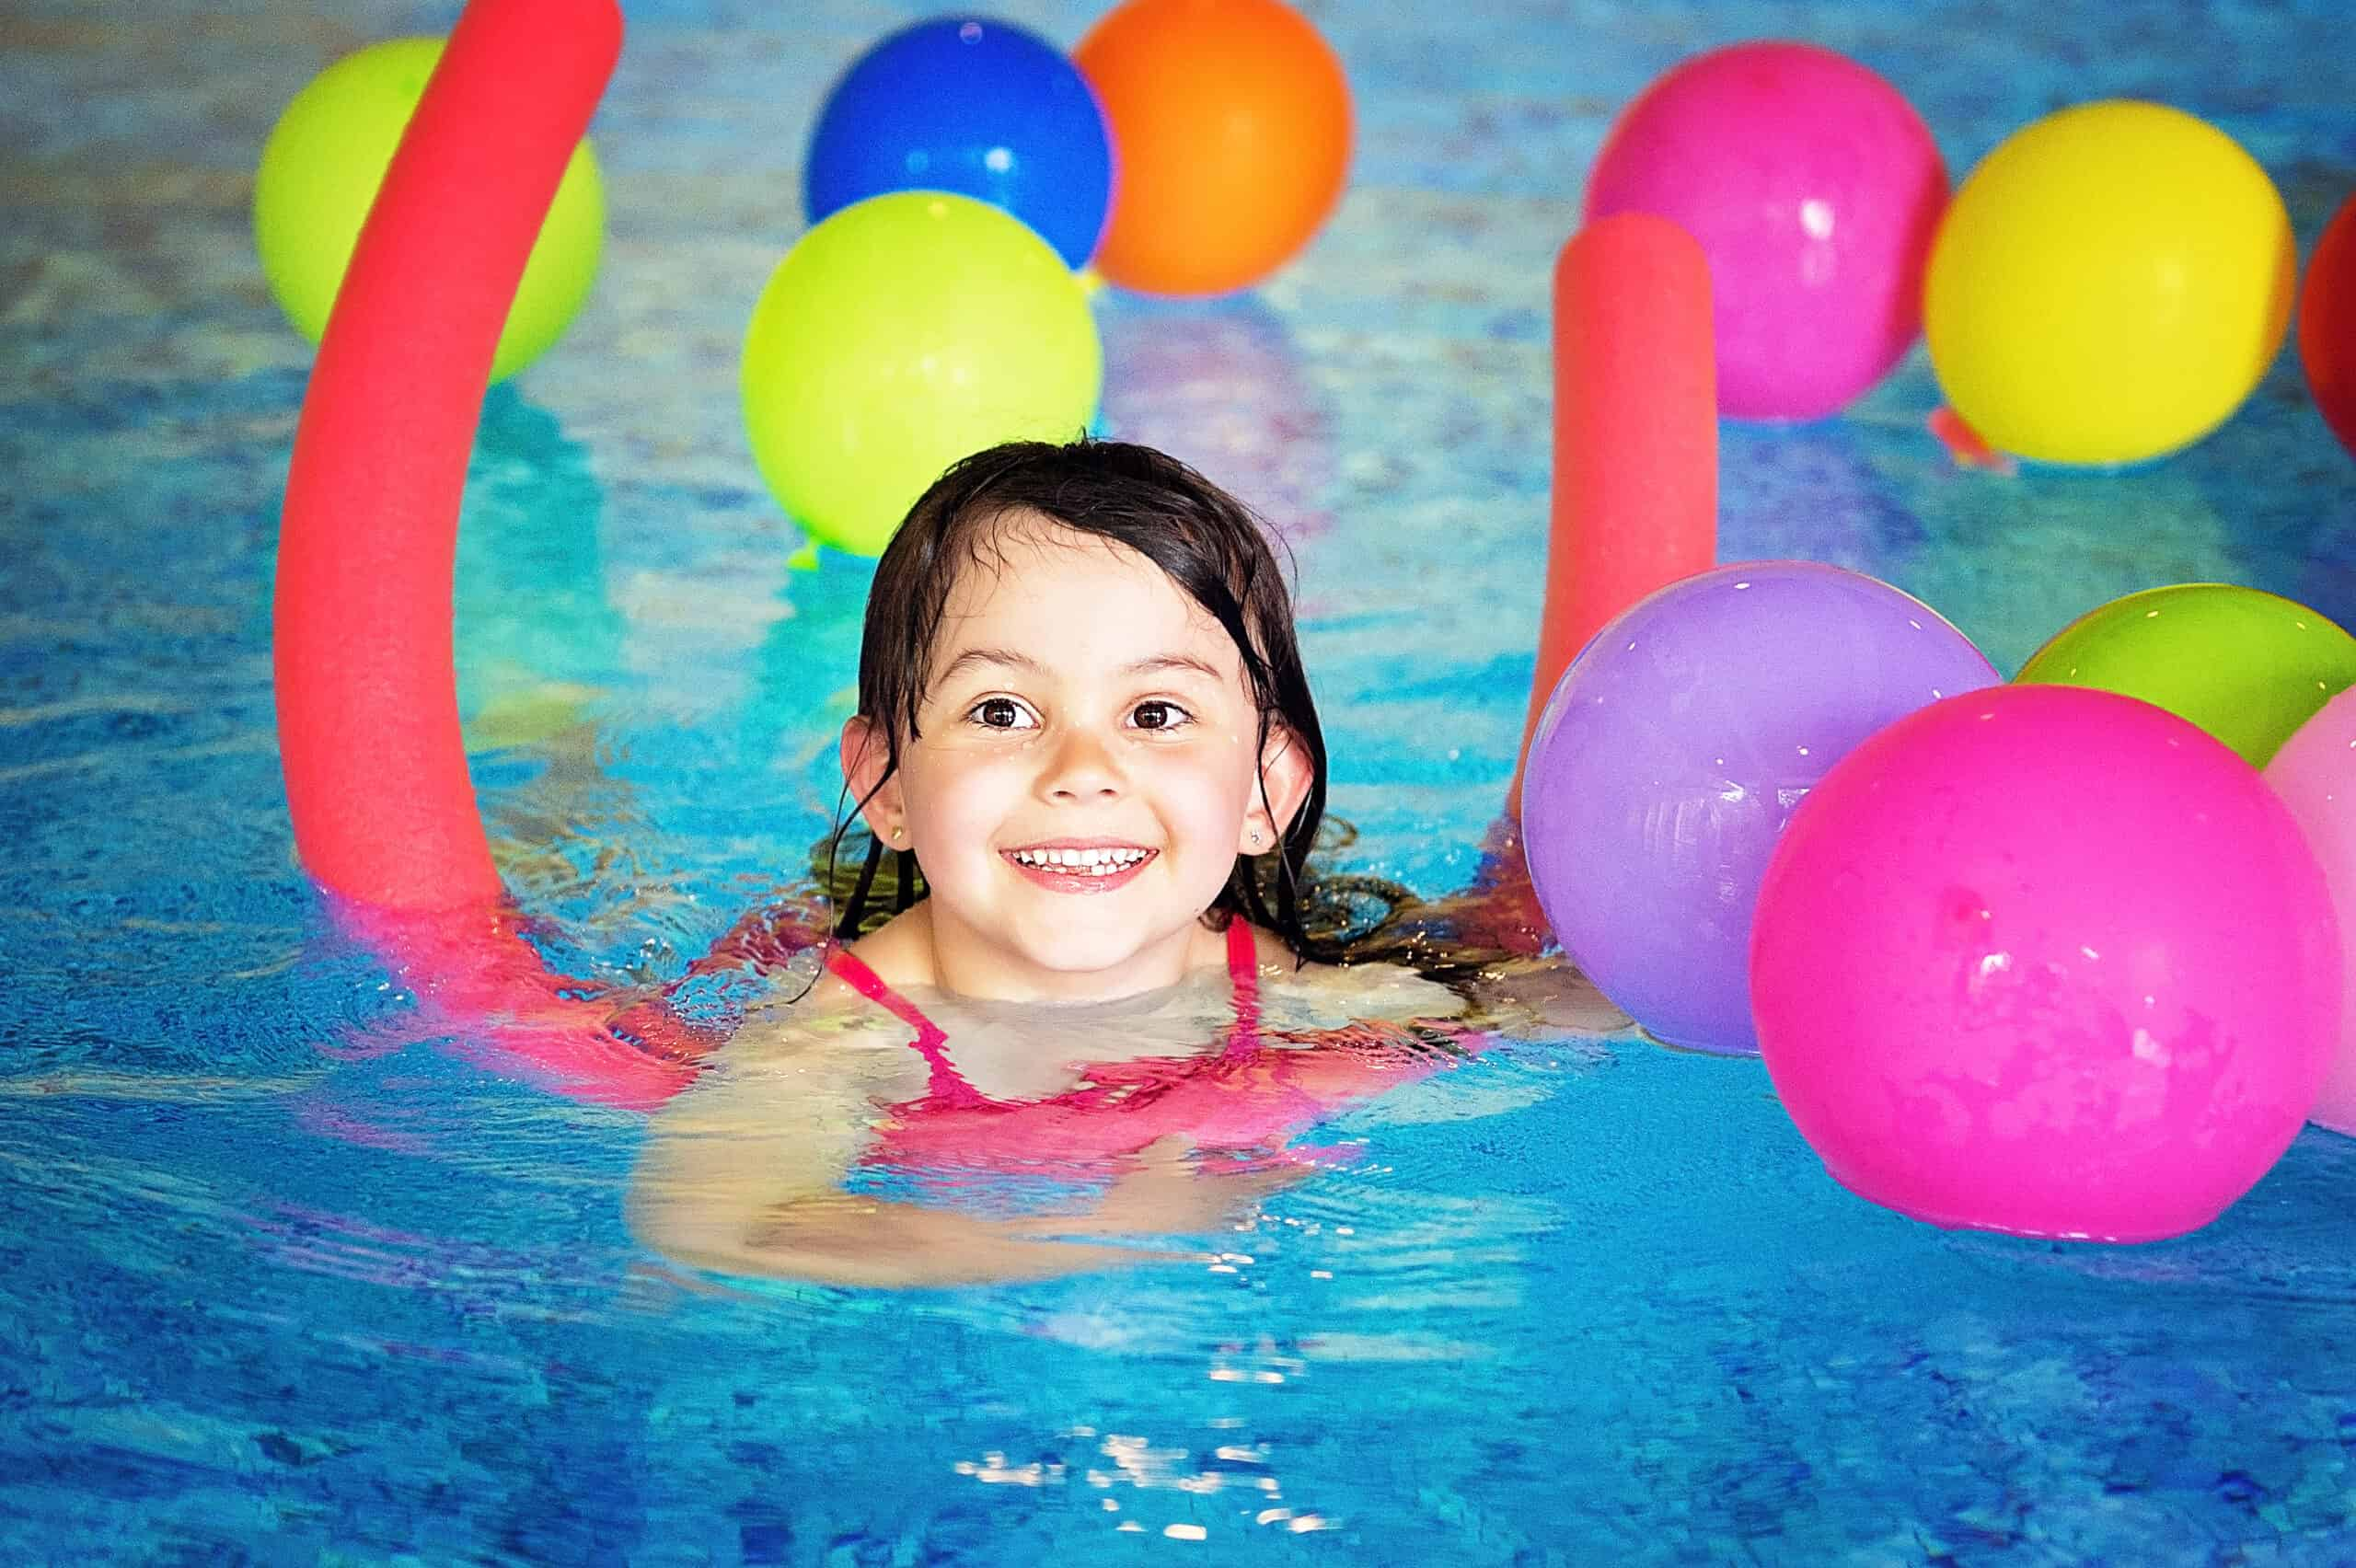 Kind lern schwimmen, Schwimmschule Graf